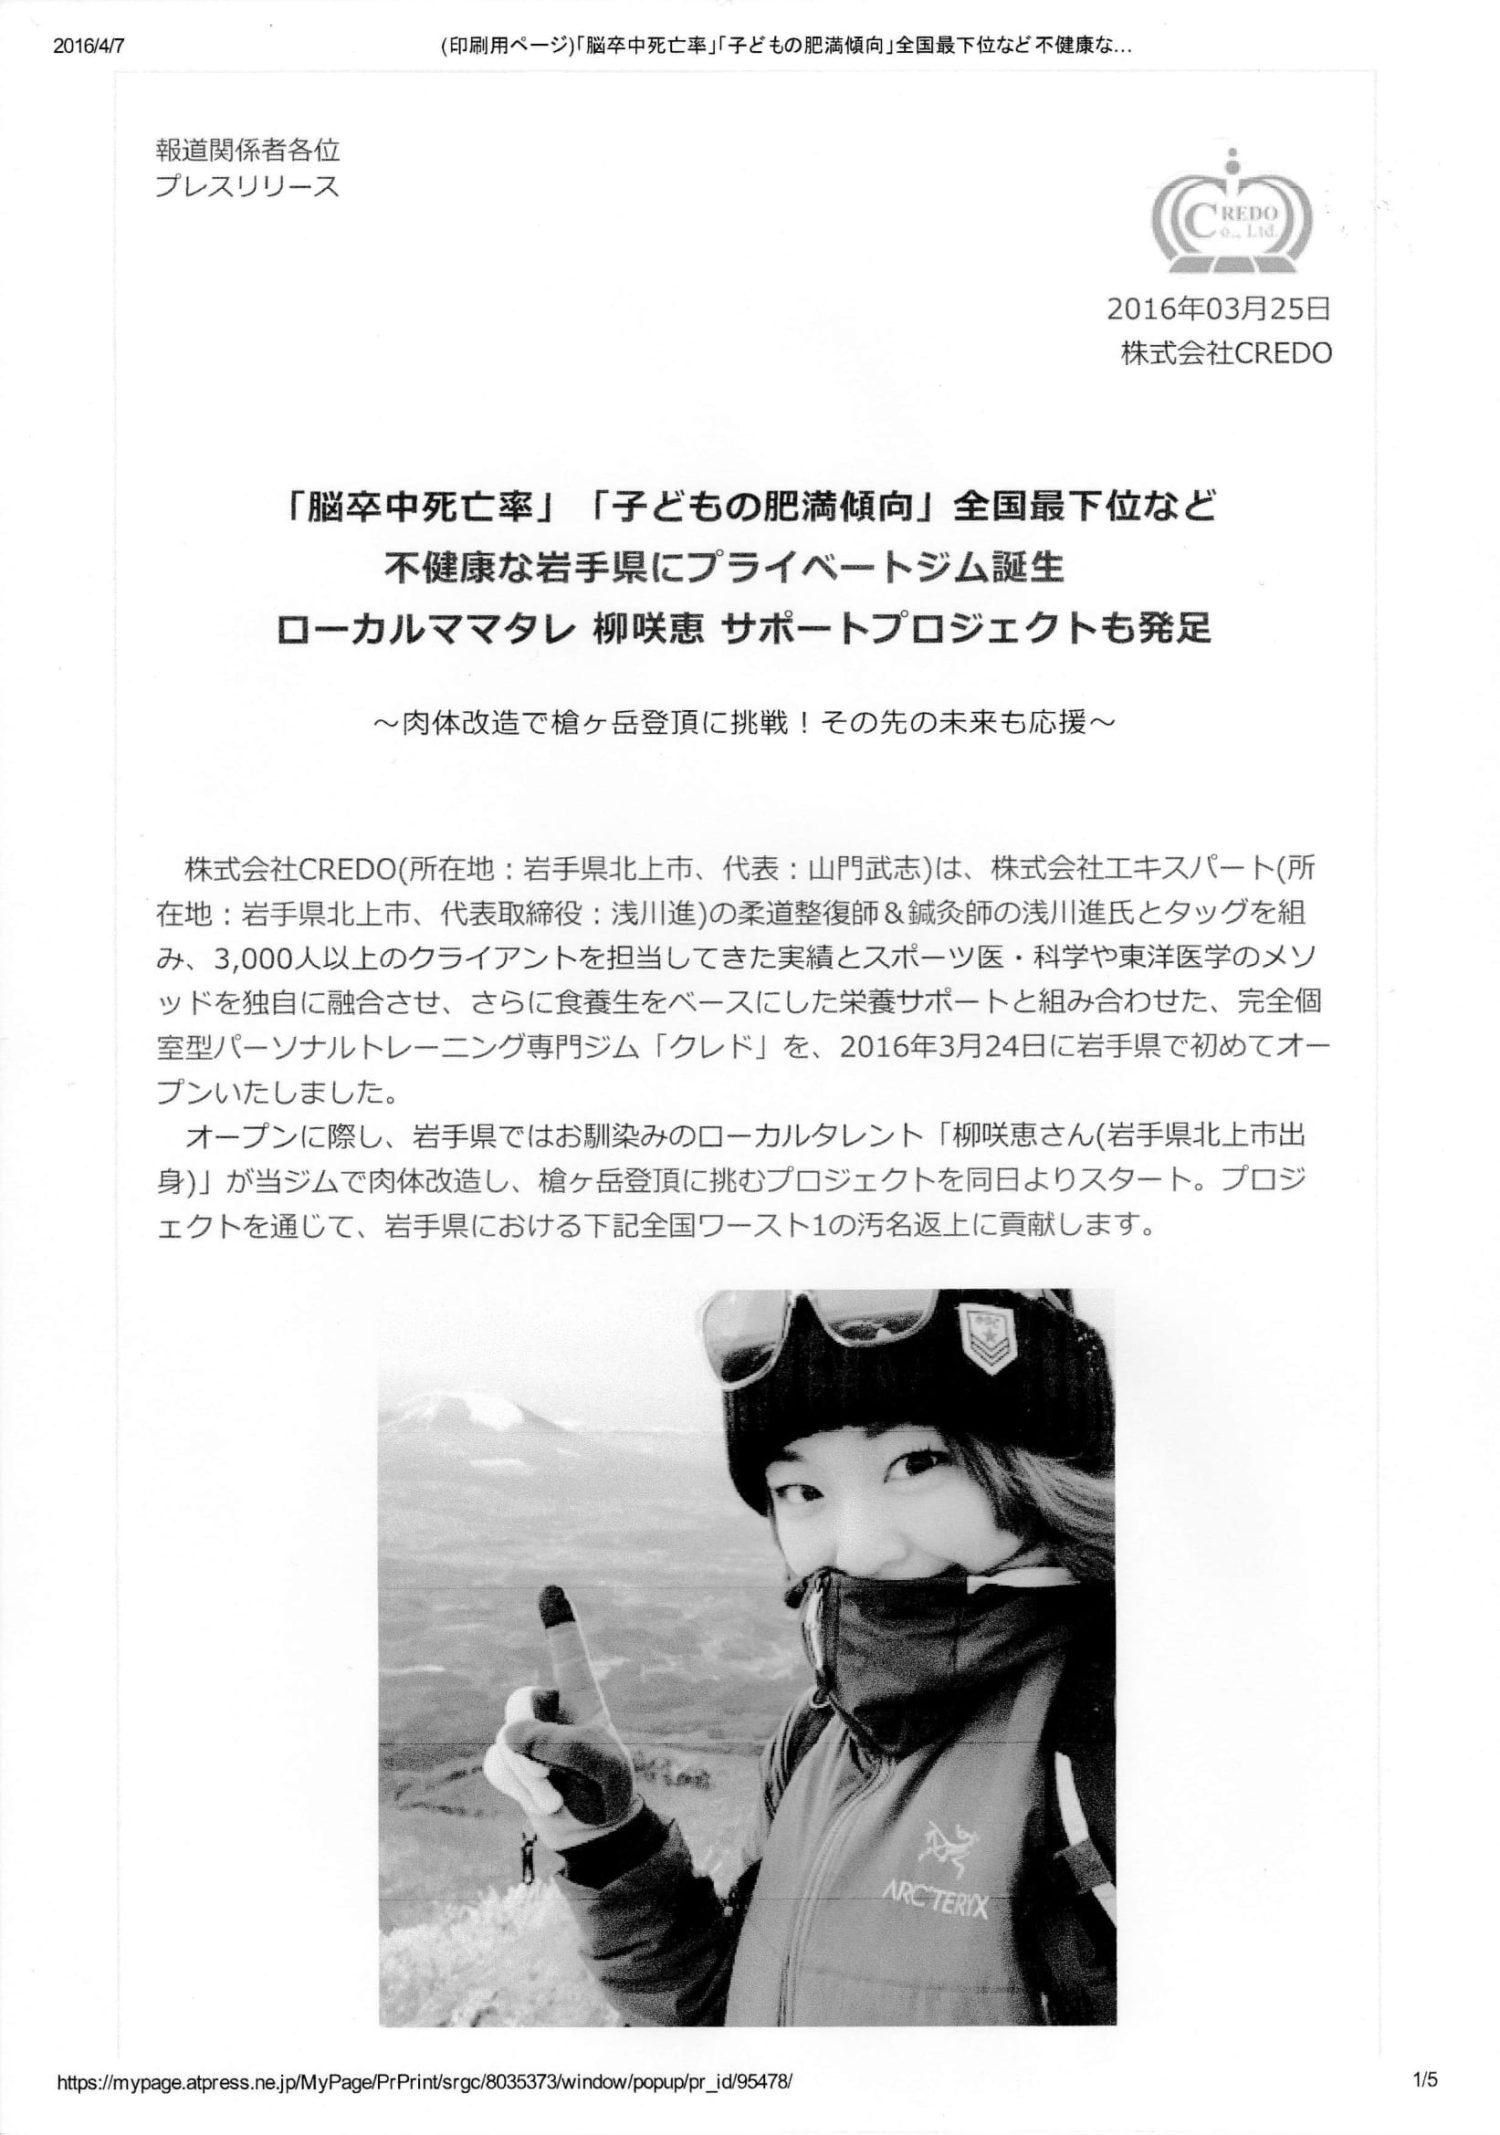 柳咲恵【槍ヶ岳登頂】プロジェクト「31」のメディアに掲載